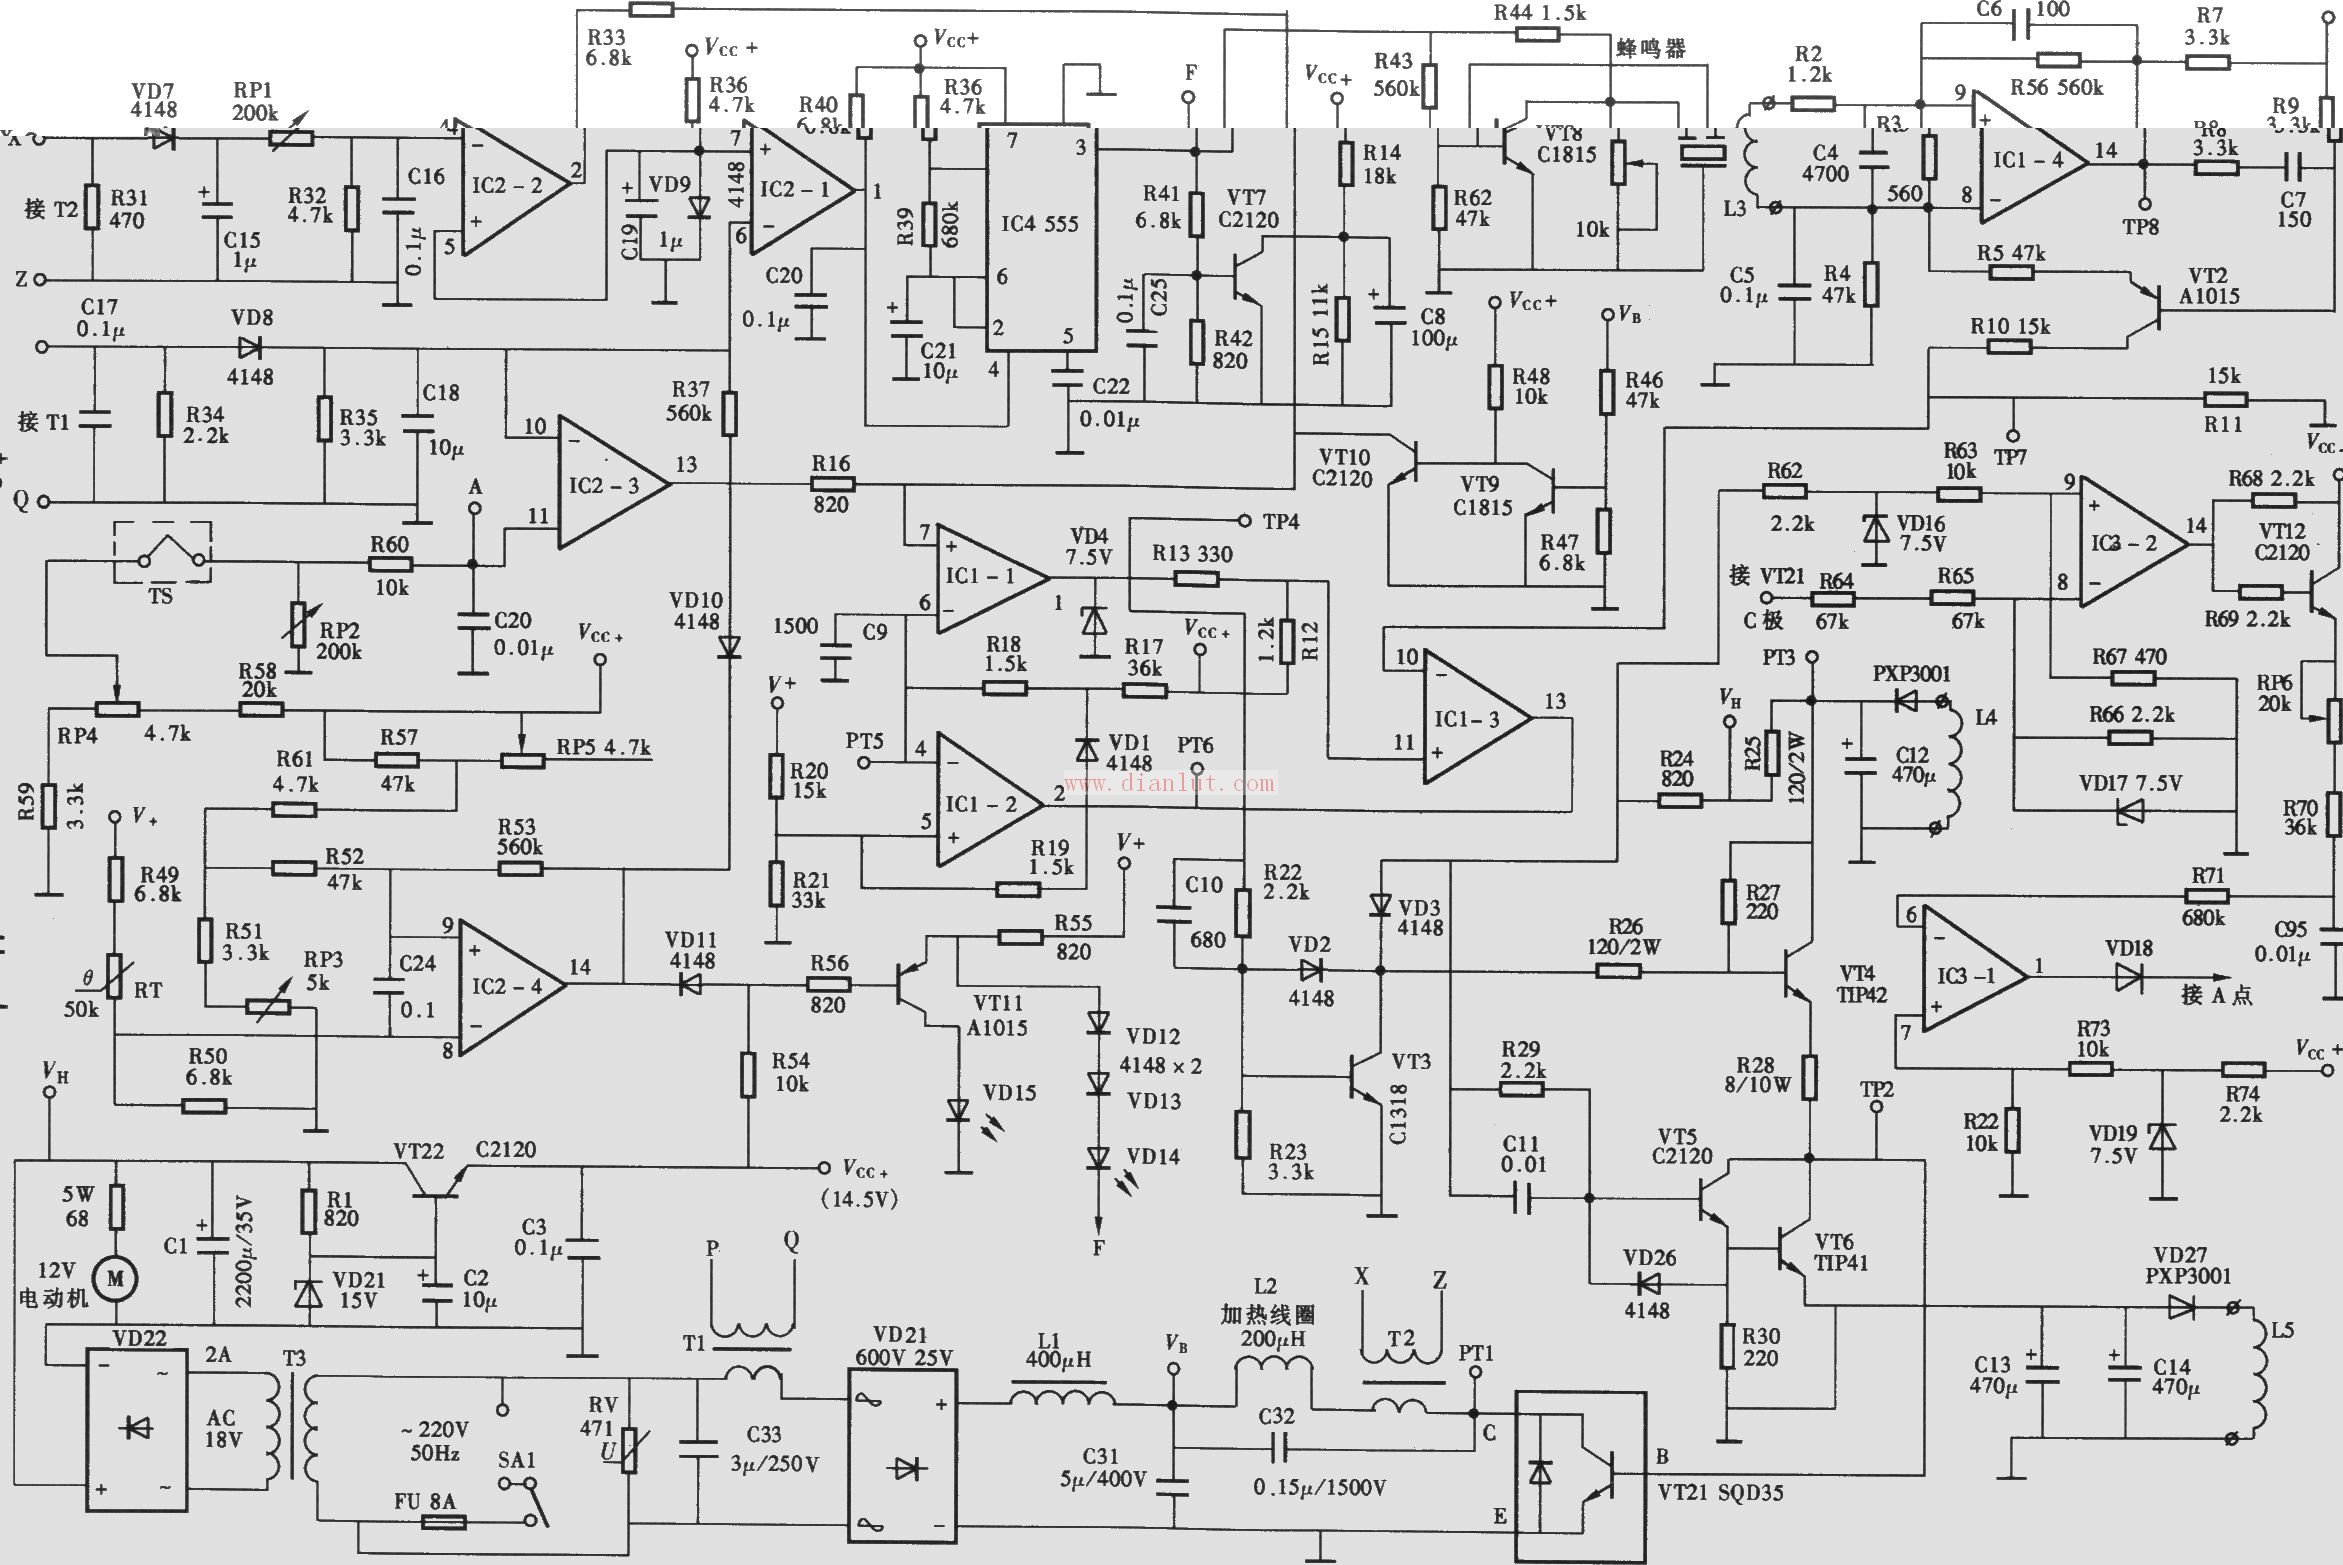 单稳态触发器及施密特触发器等脉冲产生与变换电路.